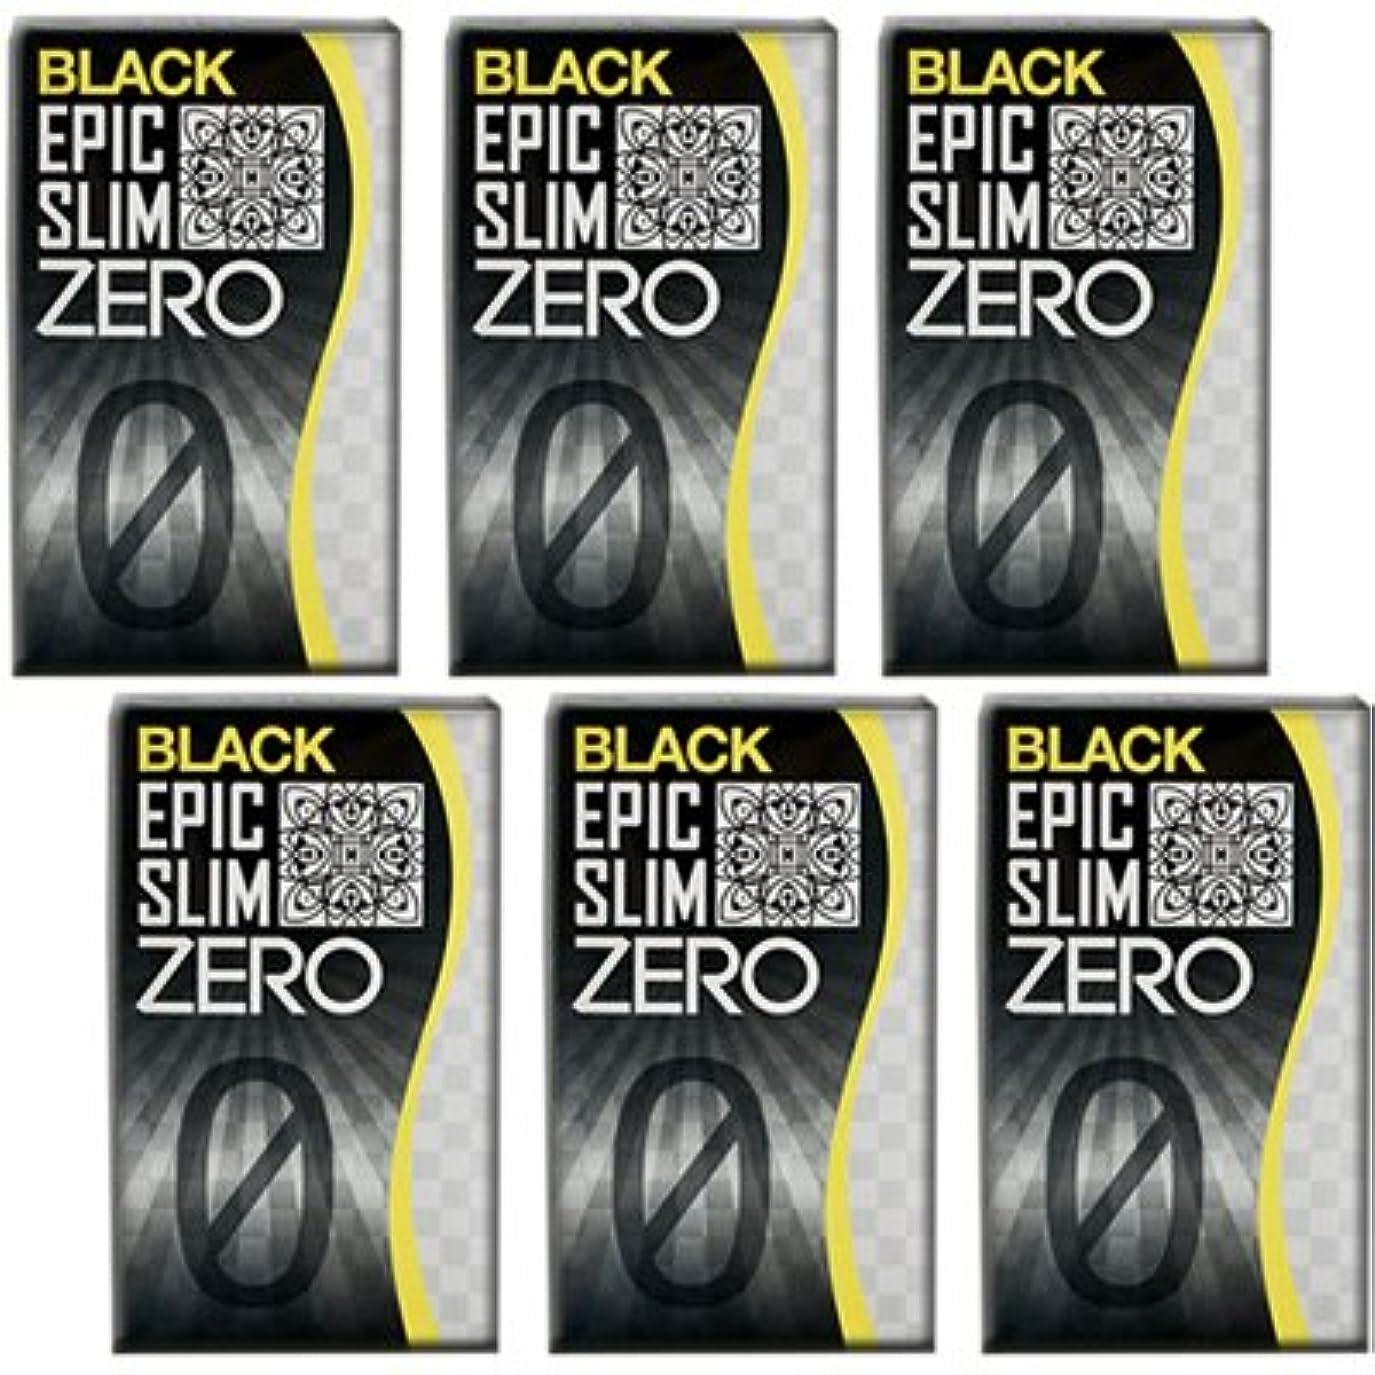 頭痛野球ウイルスブラック エピックスリム ゼロ ブラック 6個セット!  Epic Slim ZERO BLACK ×6個